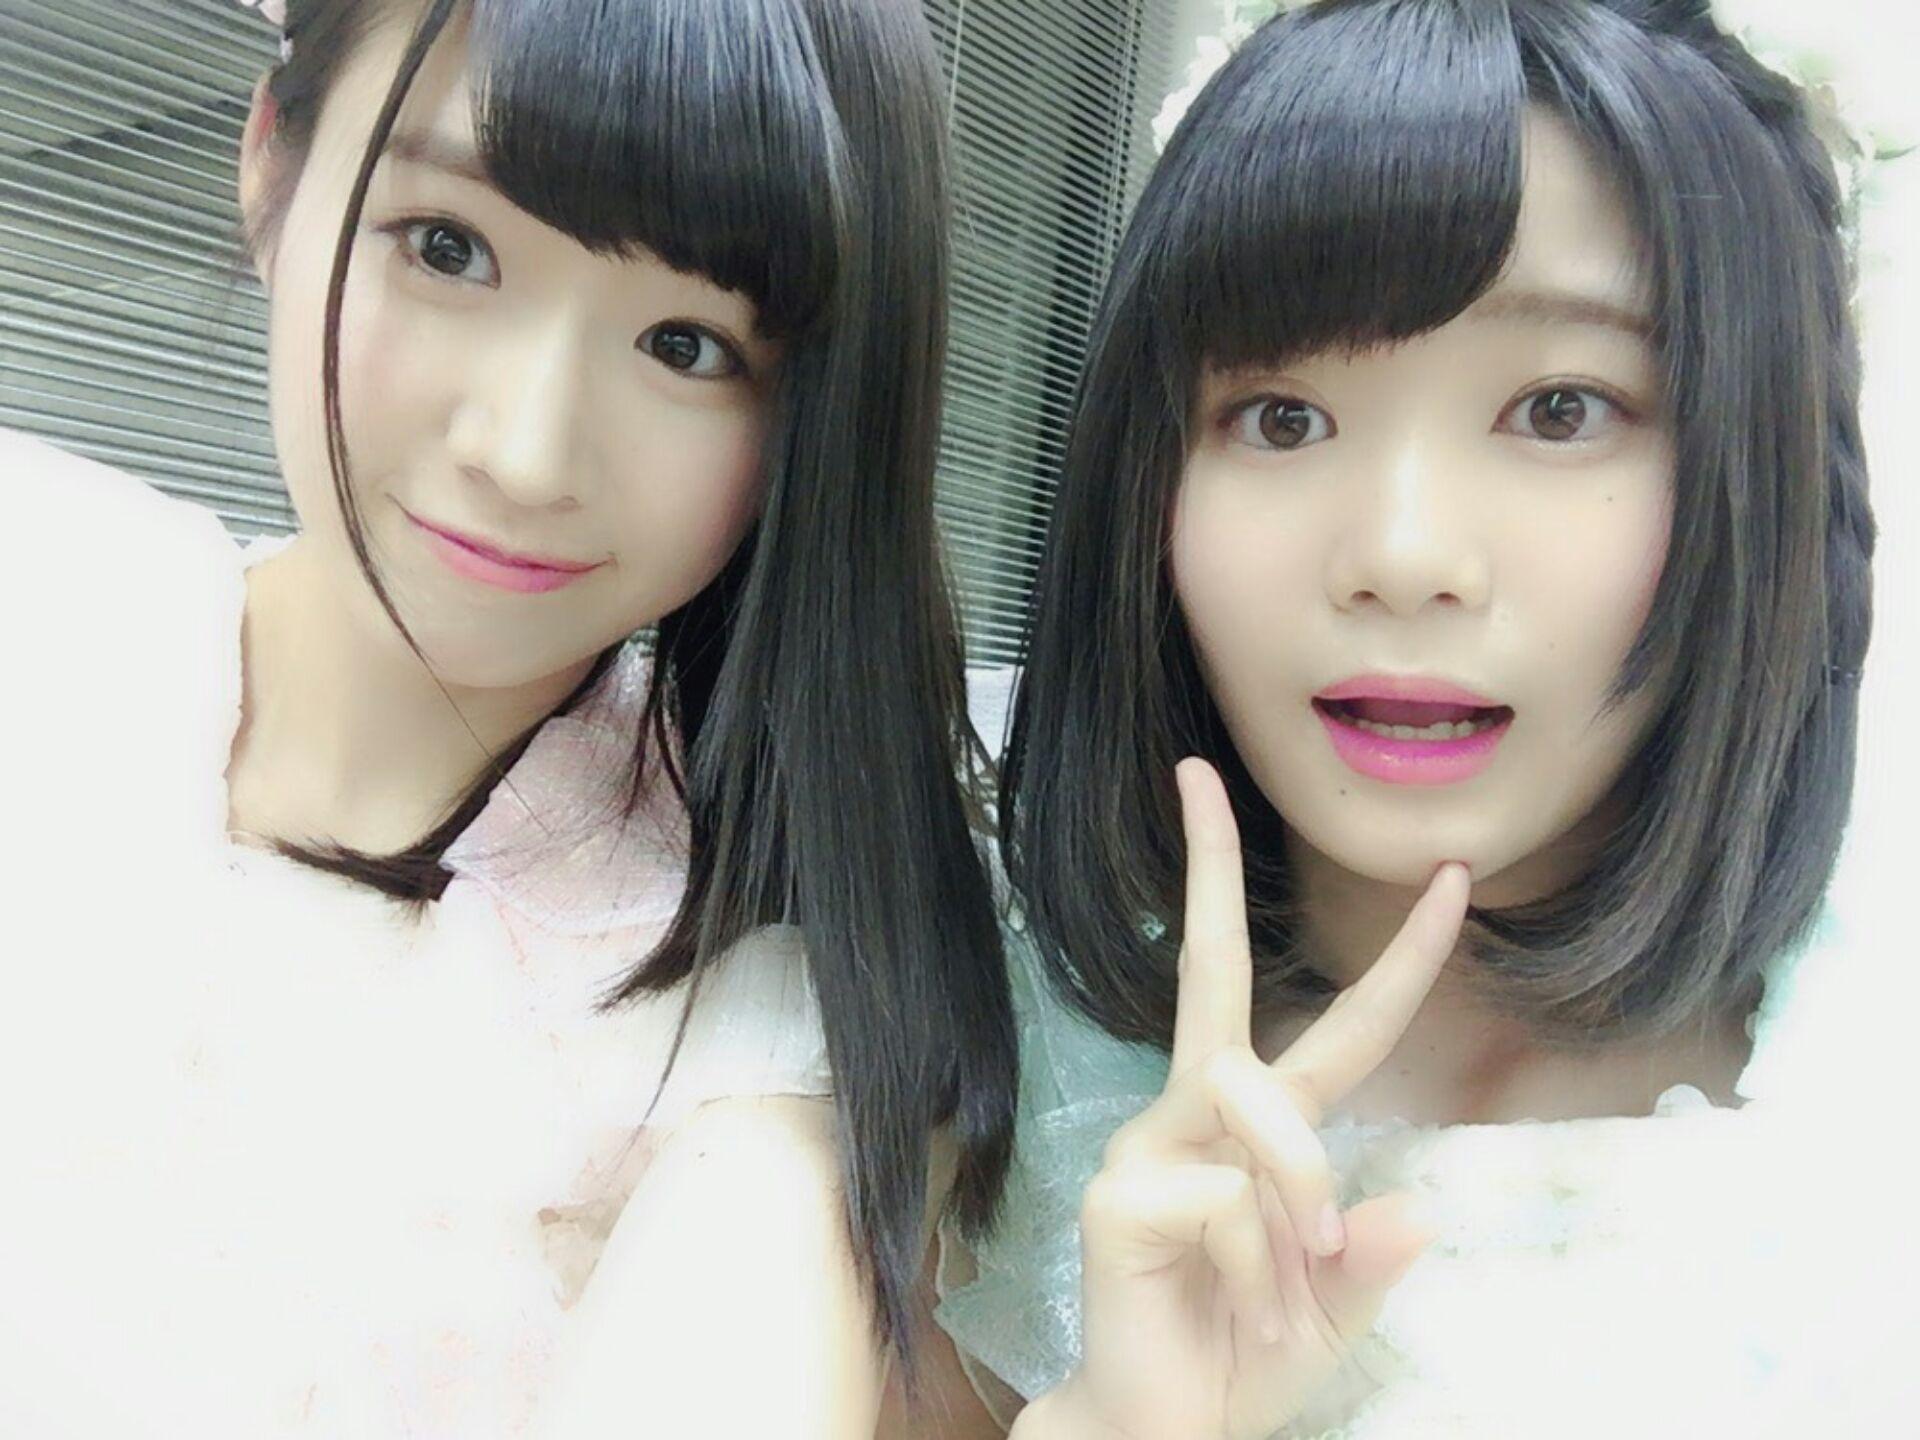 【AKB48チーム8/チームK】中野郁海応援スレ☆29【いくみん】©2ch.netYouTube動画>100本 ->画像>146枚